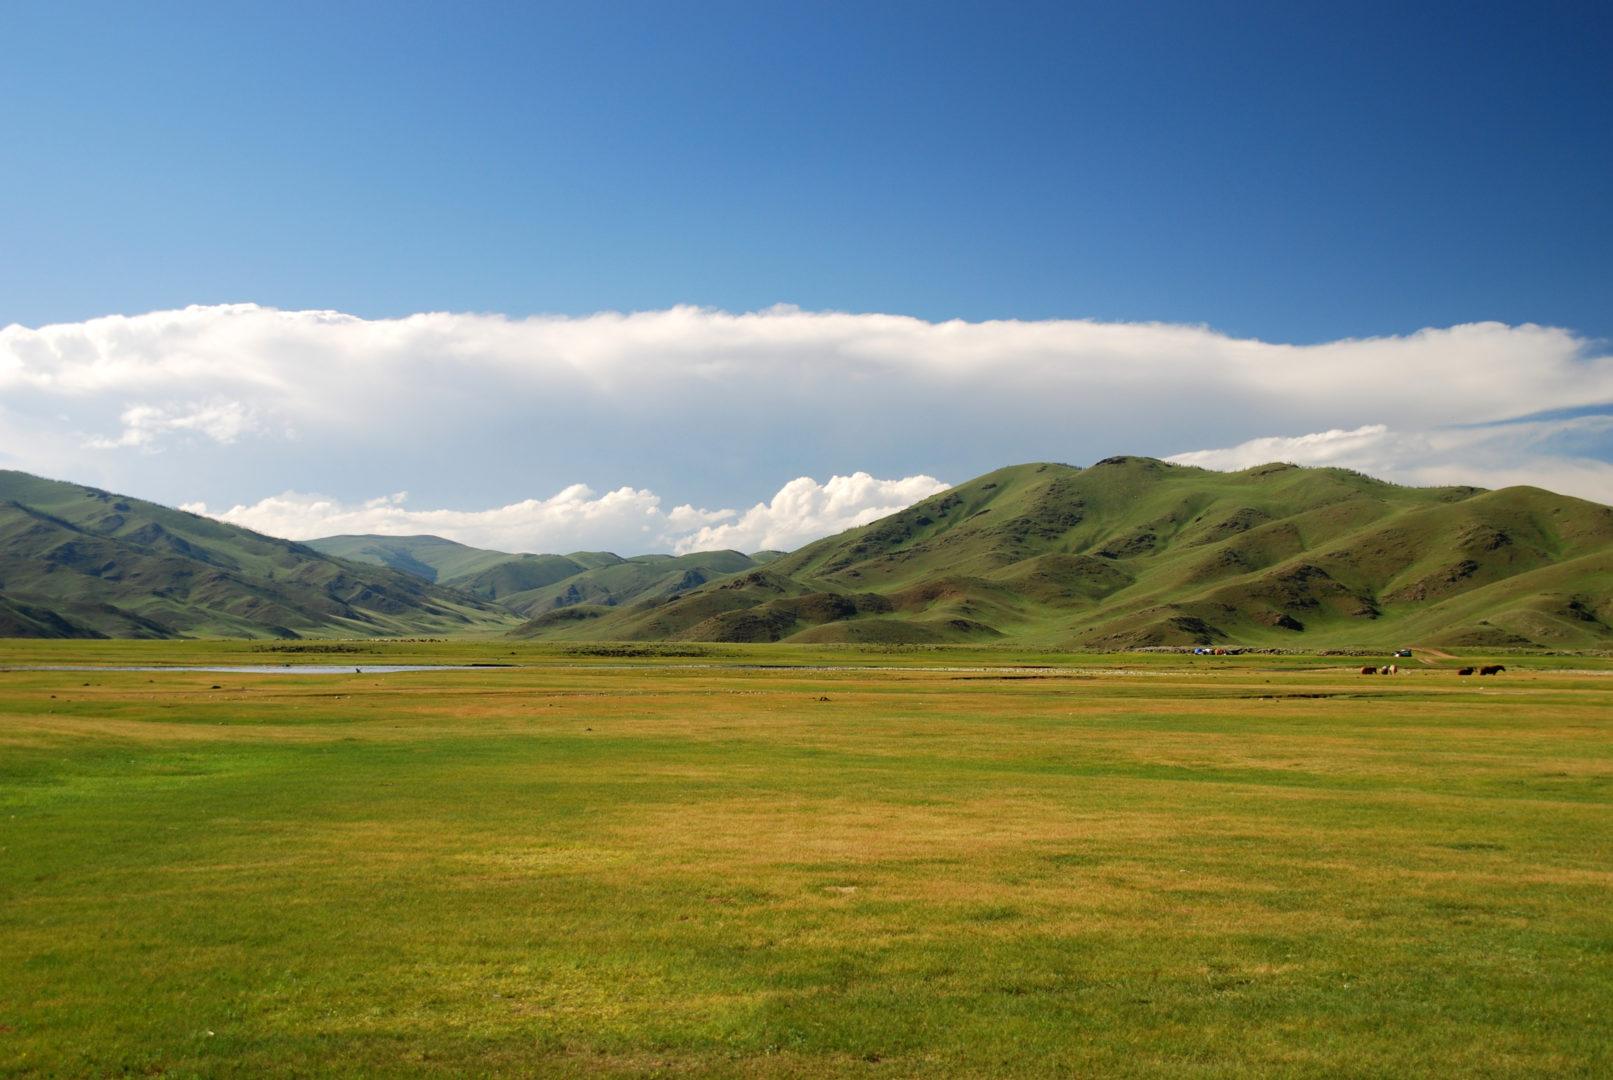 Tal in der Zentralmongolei